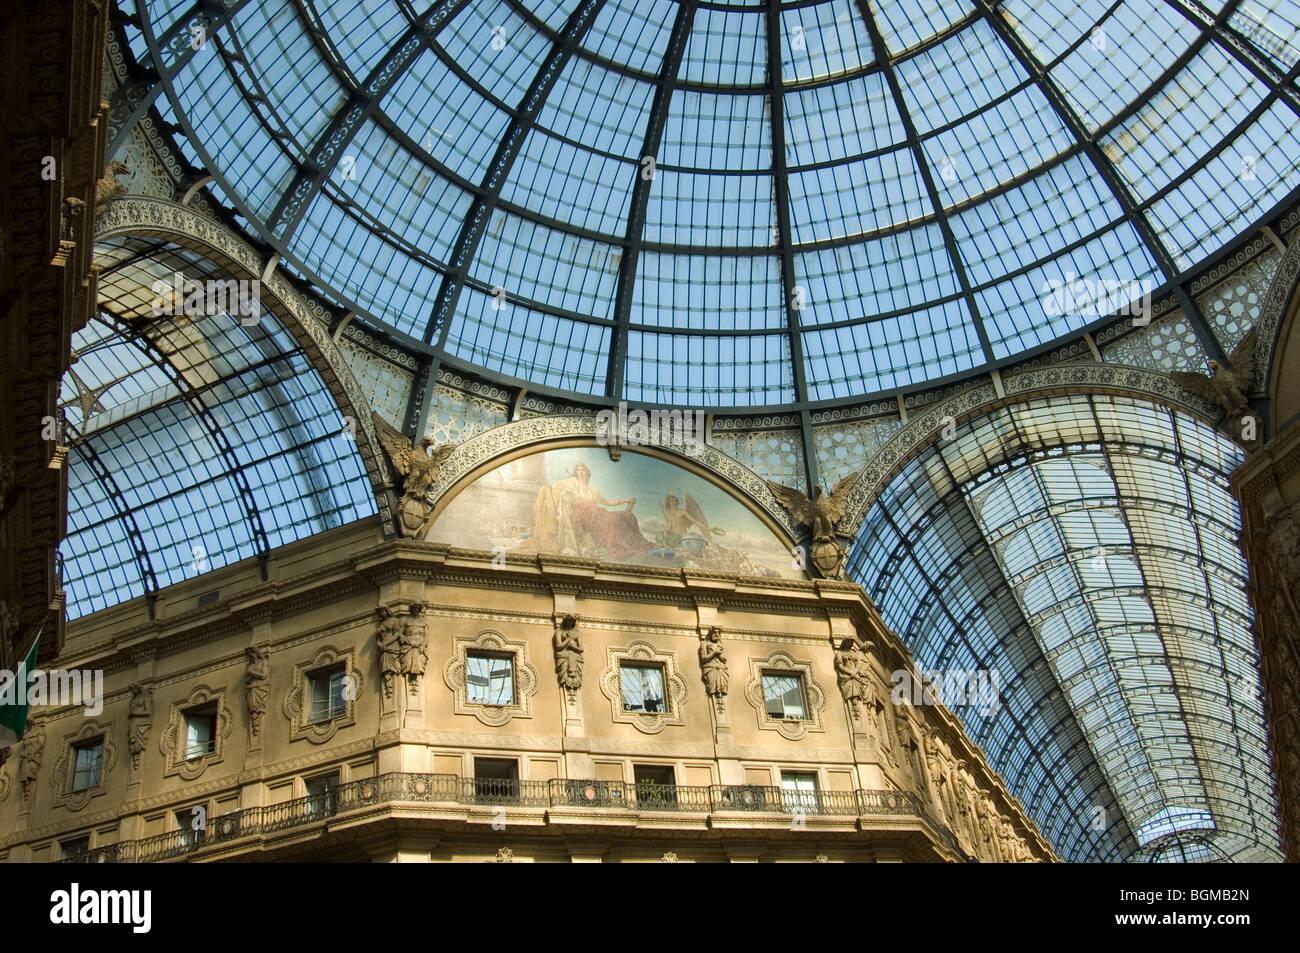 El techo de cristal del Galleria en Piazza Duomo de Milán Imagen De Stock